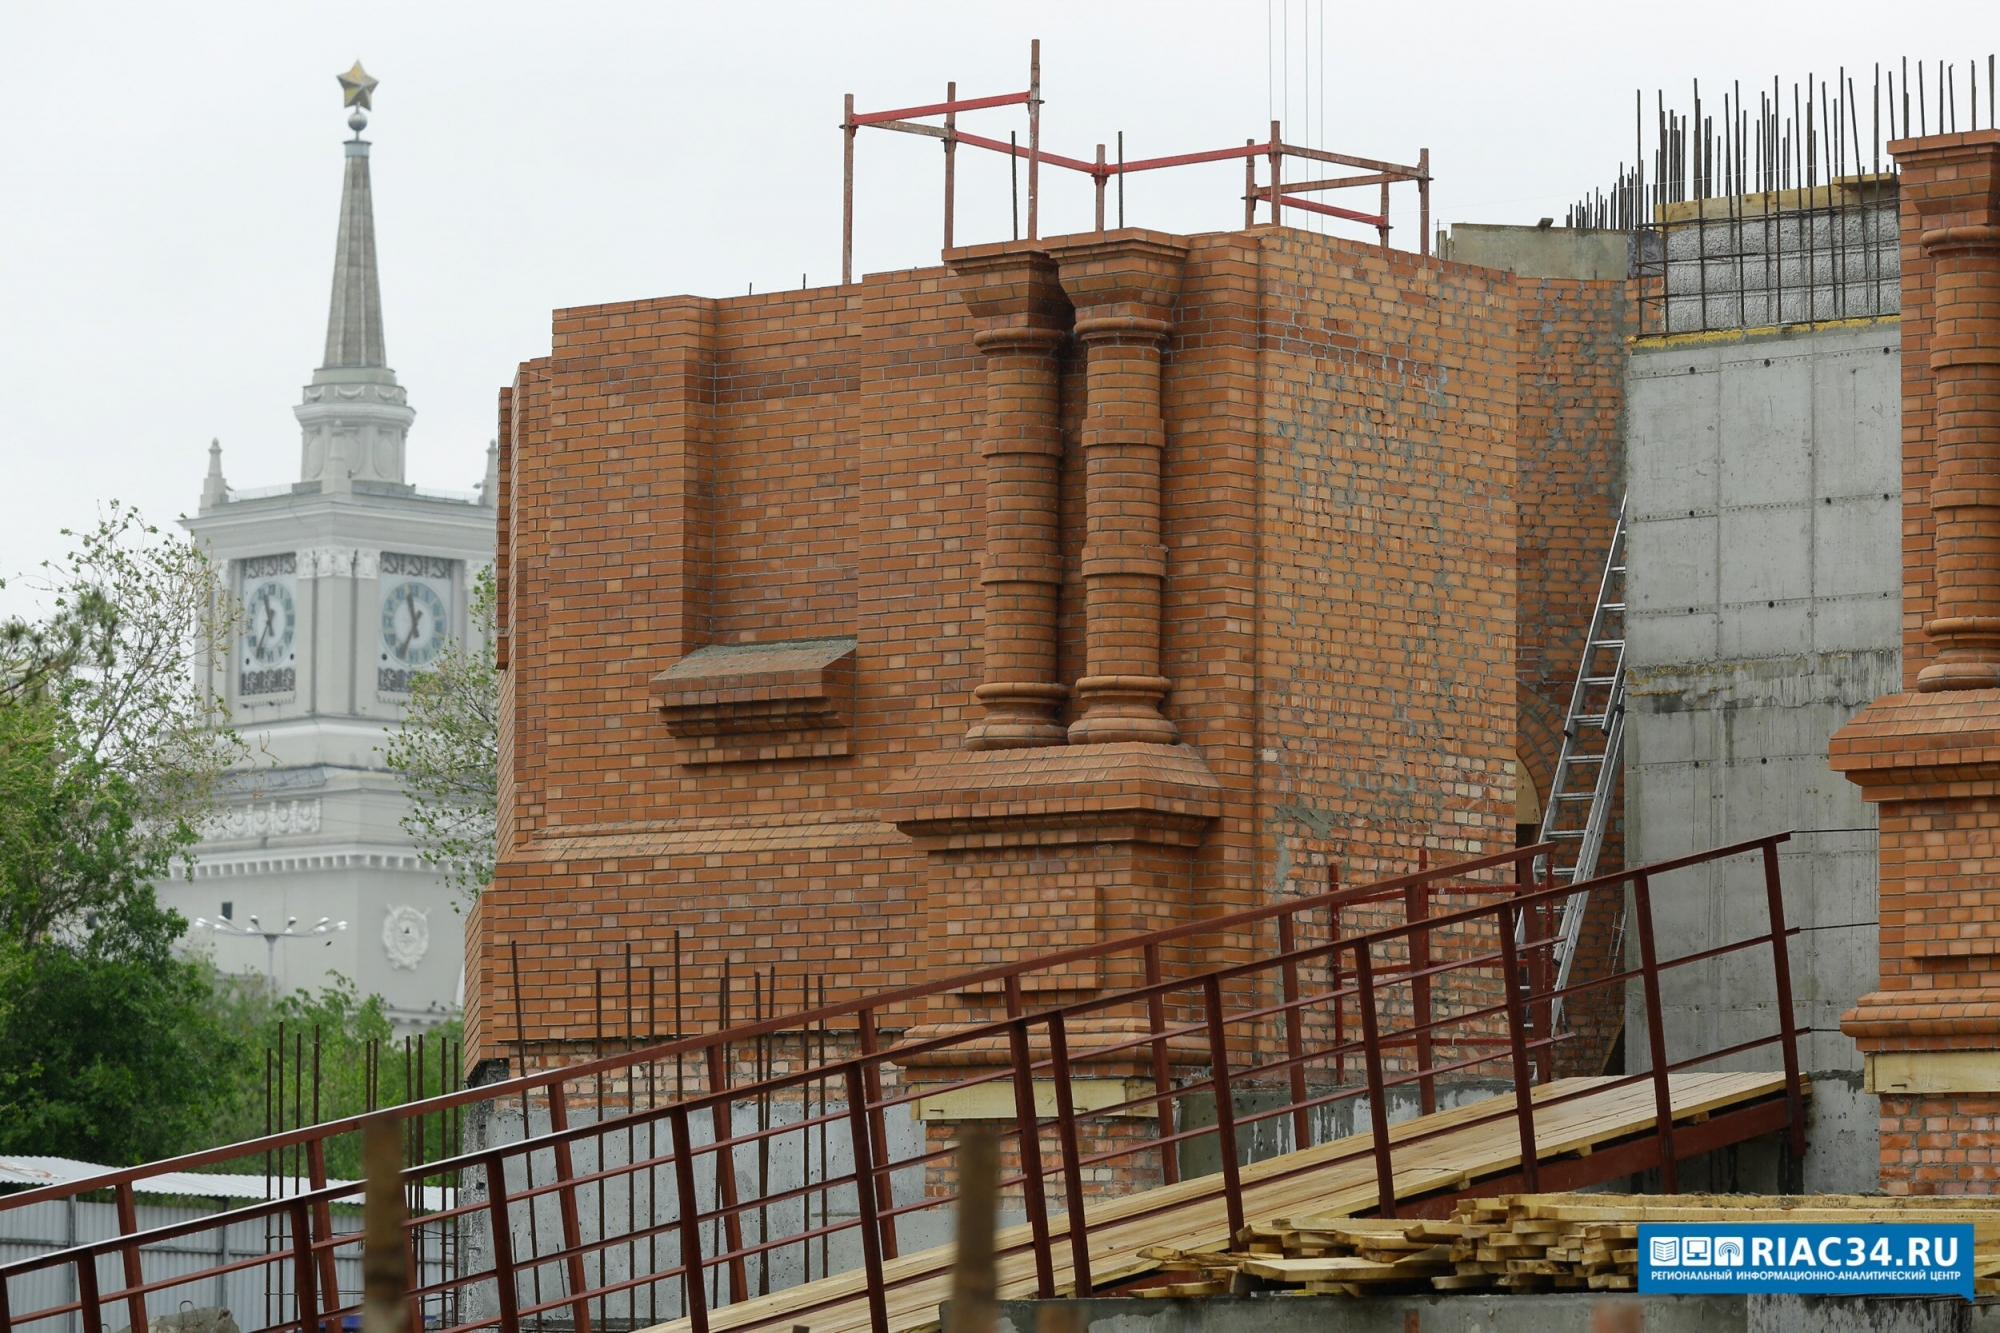 ВВолгоград прибыл 12-тонный главный колокол для храма Невского